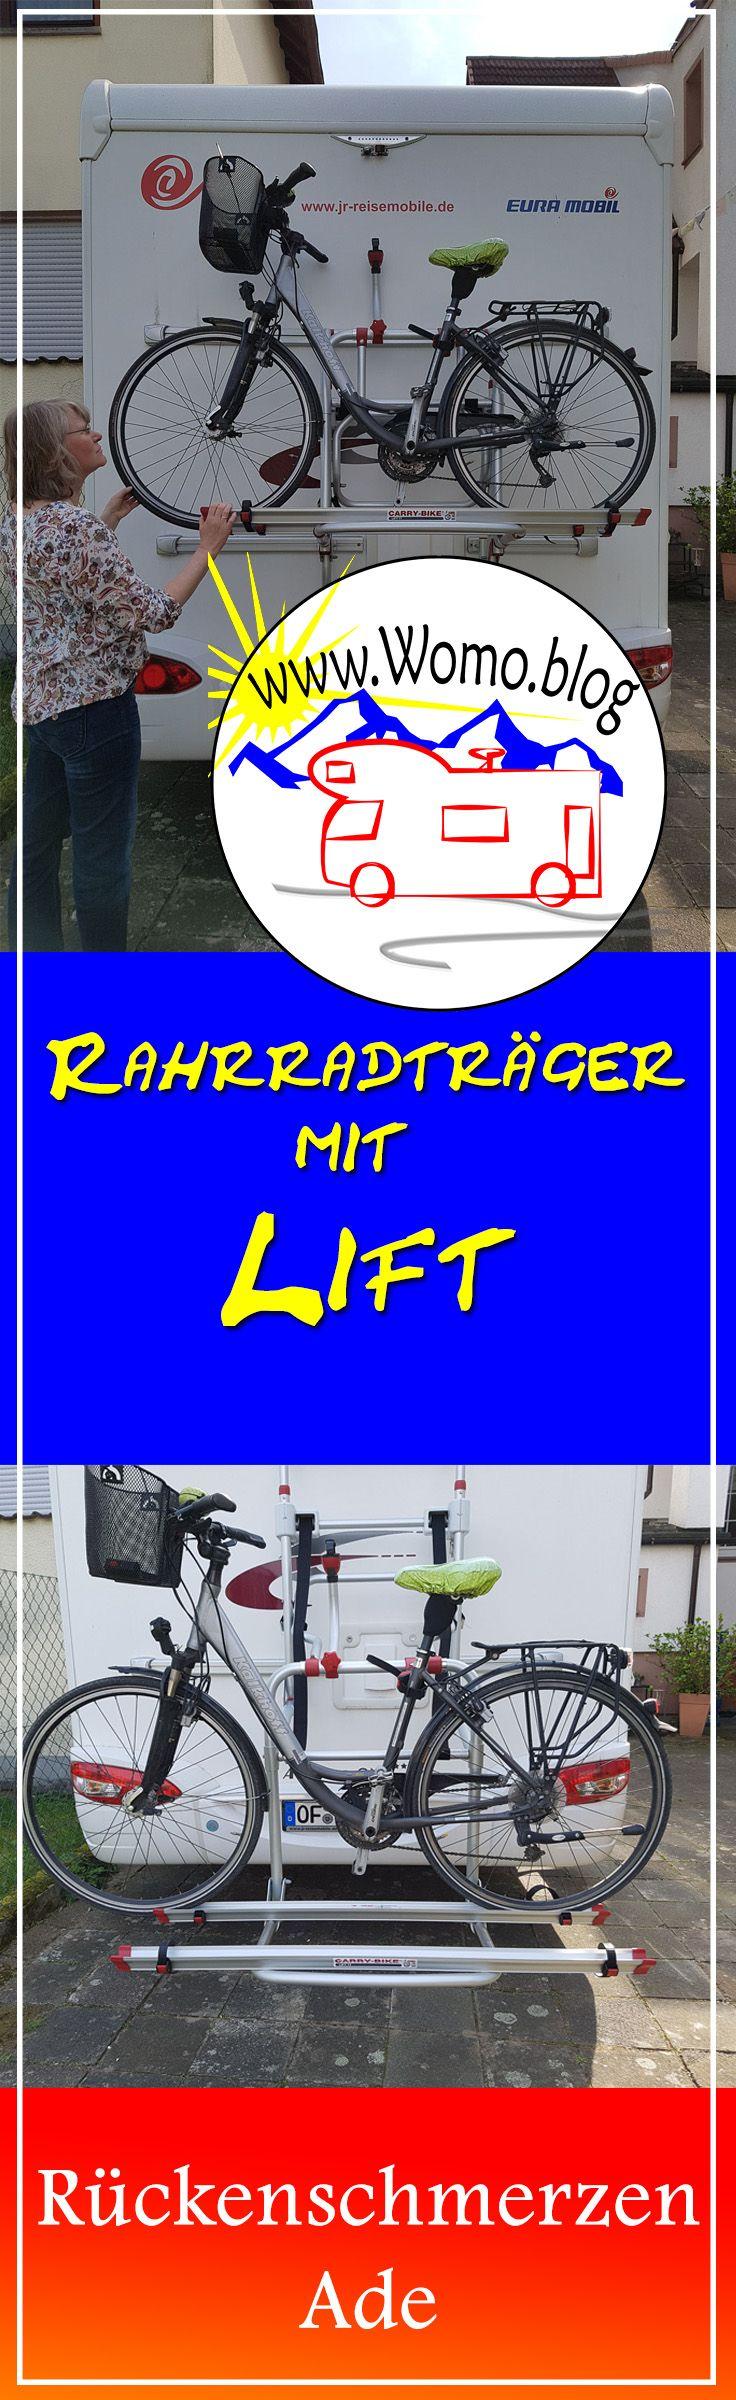 Fahrradtrager Mit Lift Nicht Nur Furs Alter Ideal Fiamma Carry Bike Lift 77 Ruckenschmerzen Ade Fahrrad Fahrradtrager Campingideen